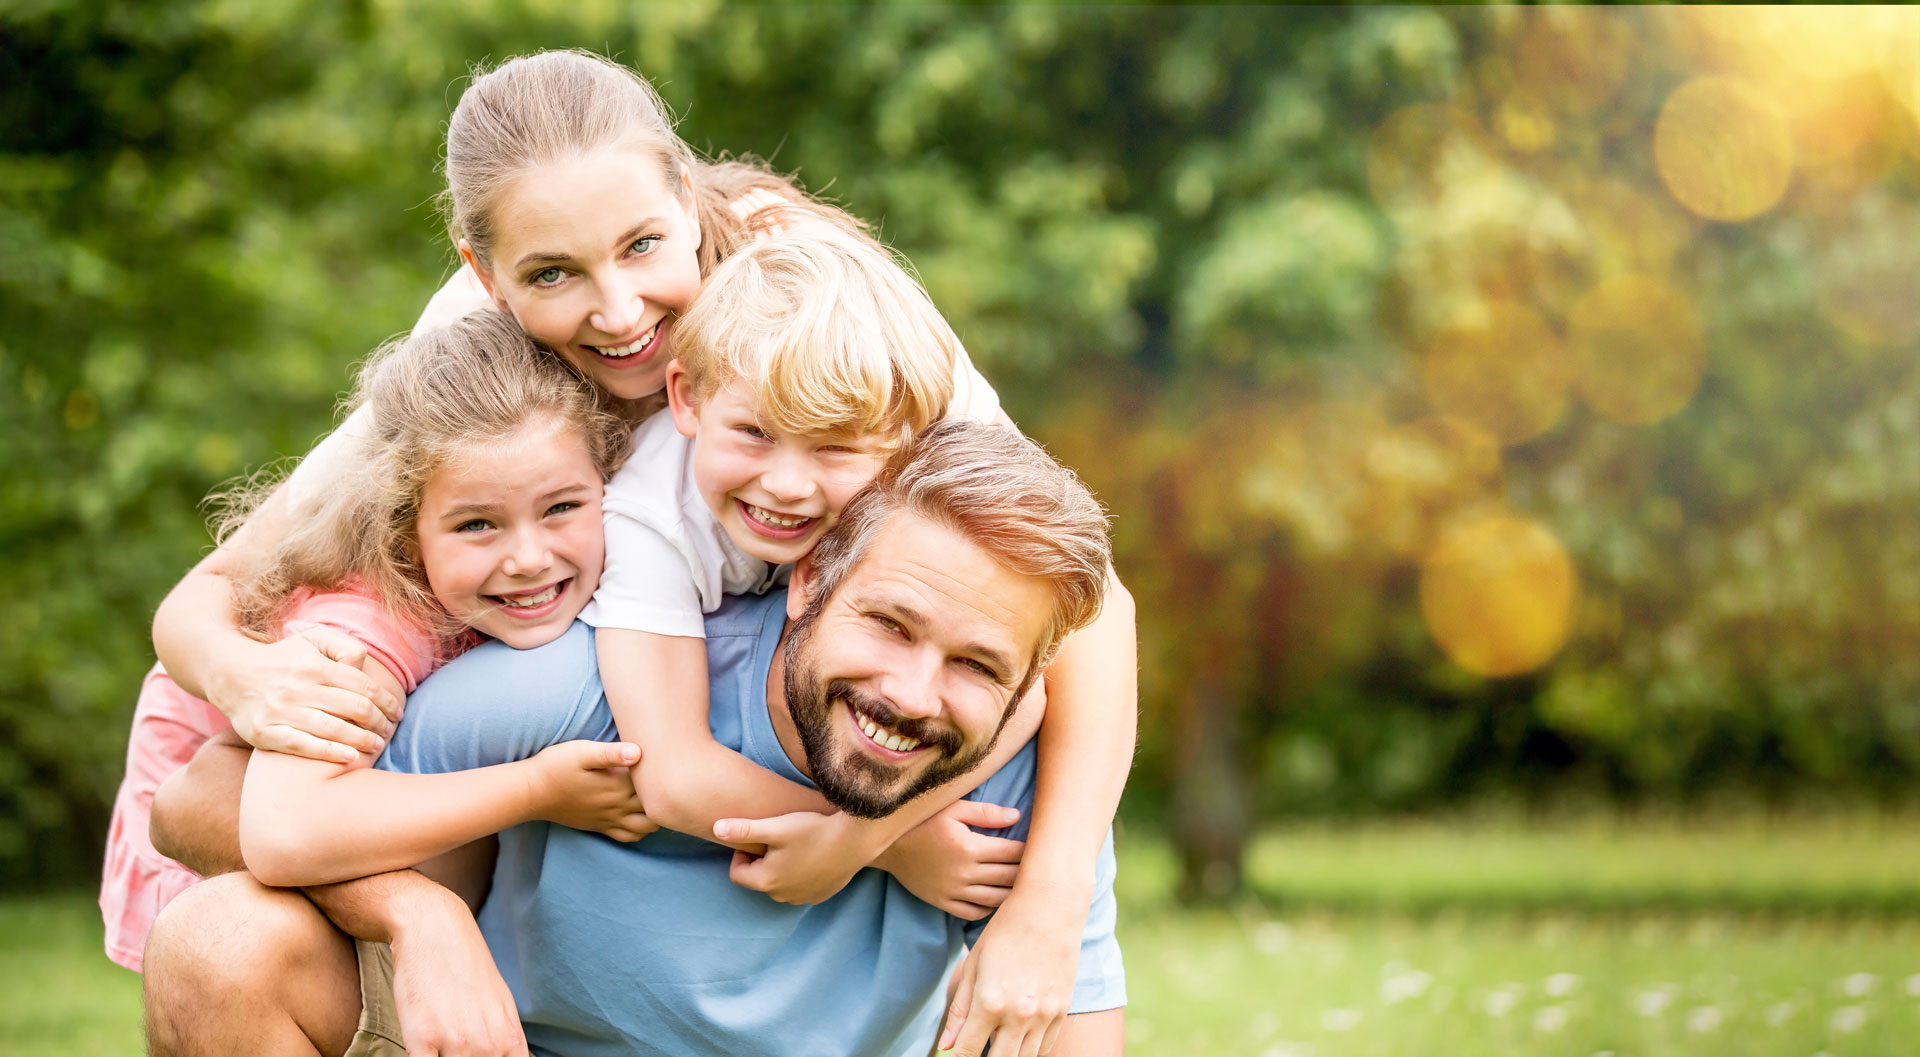 Fröhliche junge Familie mit zwei Kindern